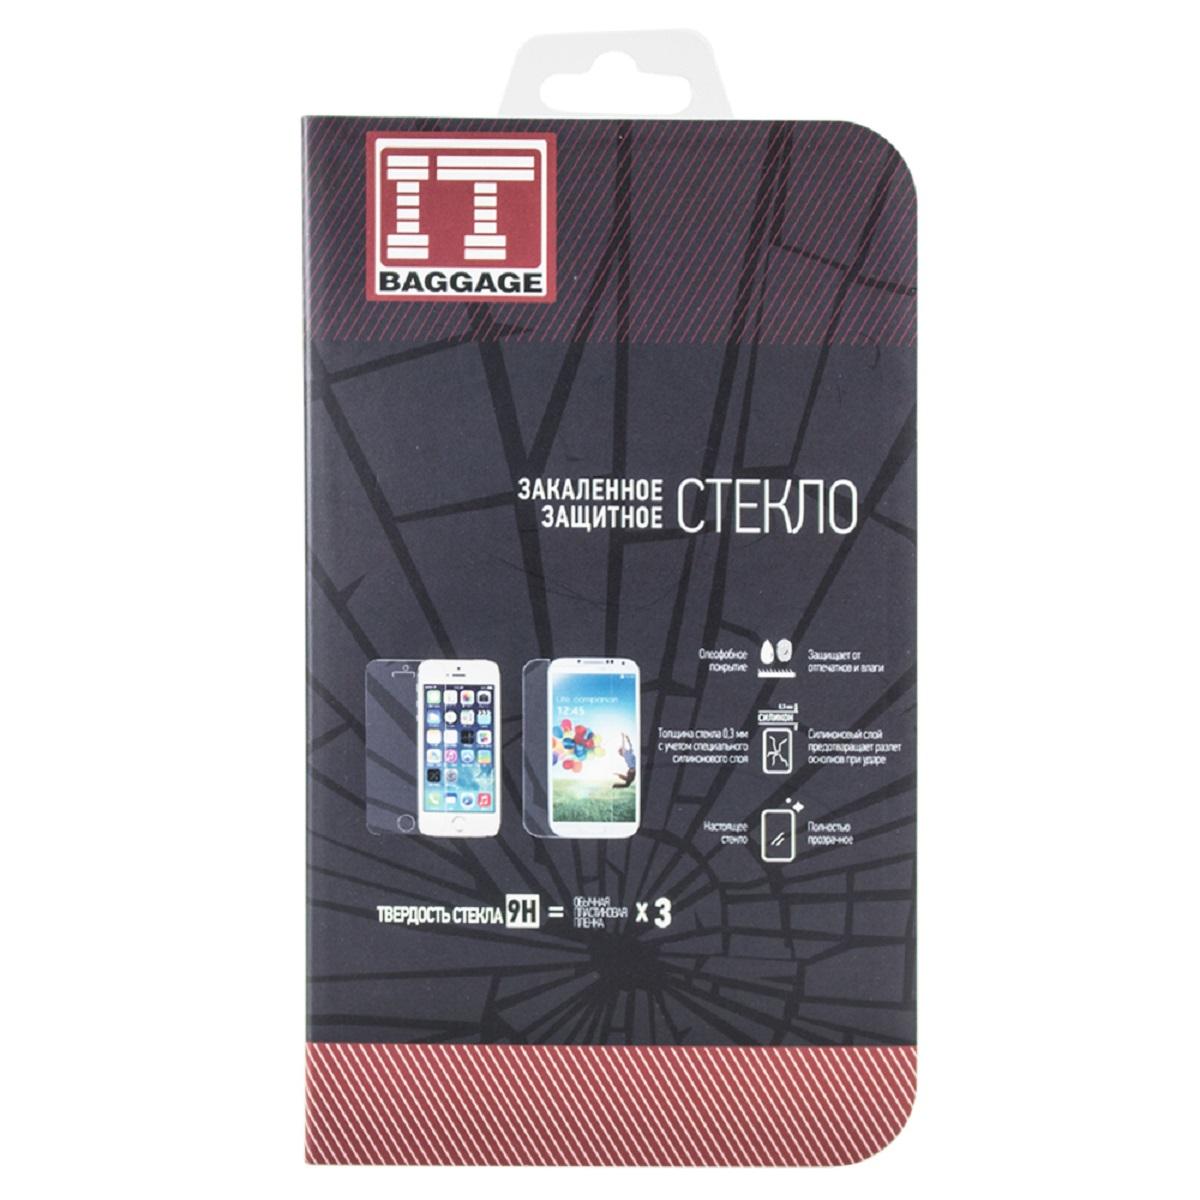 IT Baggage защитное стекло для Meizu M2 NoteITMZM2NGЗакаленное стекло IT Baggage для Meizu M2 Note - это самый верный способ защитить экран от повреждений и загрязнений. Обладает высочайшим уровнем прозрачности и совершенно не влияет на отклик экранного сенсора и качество изображения. Препятствует появлению отпечатков и пятен. Удалить следы жира и косметики с поверхности аксессуара не составить ни какого труда. Характеристики защитного стекла делают его износостойким к таким механическим повреждениям, как царапины, сколы, потертости. При сильном ударе разбившееся стекло не разлетается на осколки, предохраняя вас от порезов, а экран устройства от повреждений. После снятия защитного стекла с поверхности дисплея, на нем не остаются повреждения, такие как потертости и царапины.